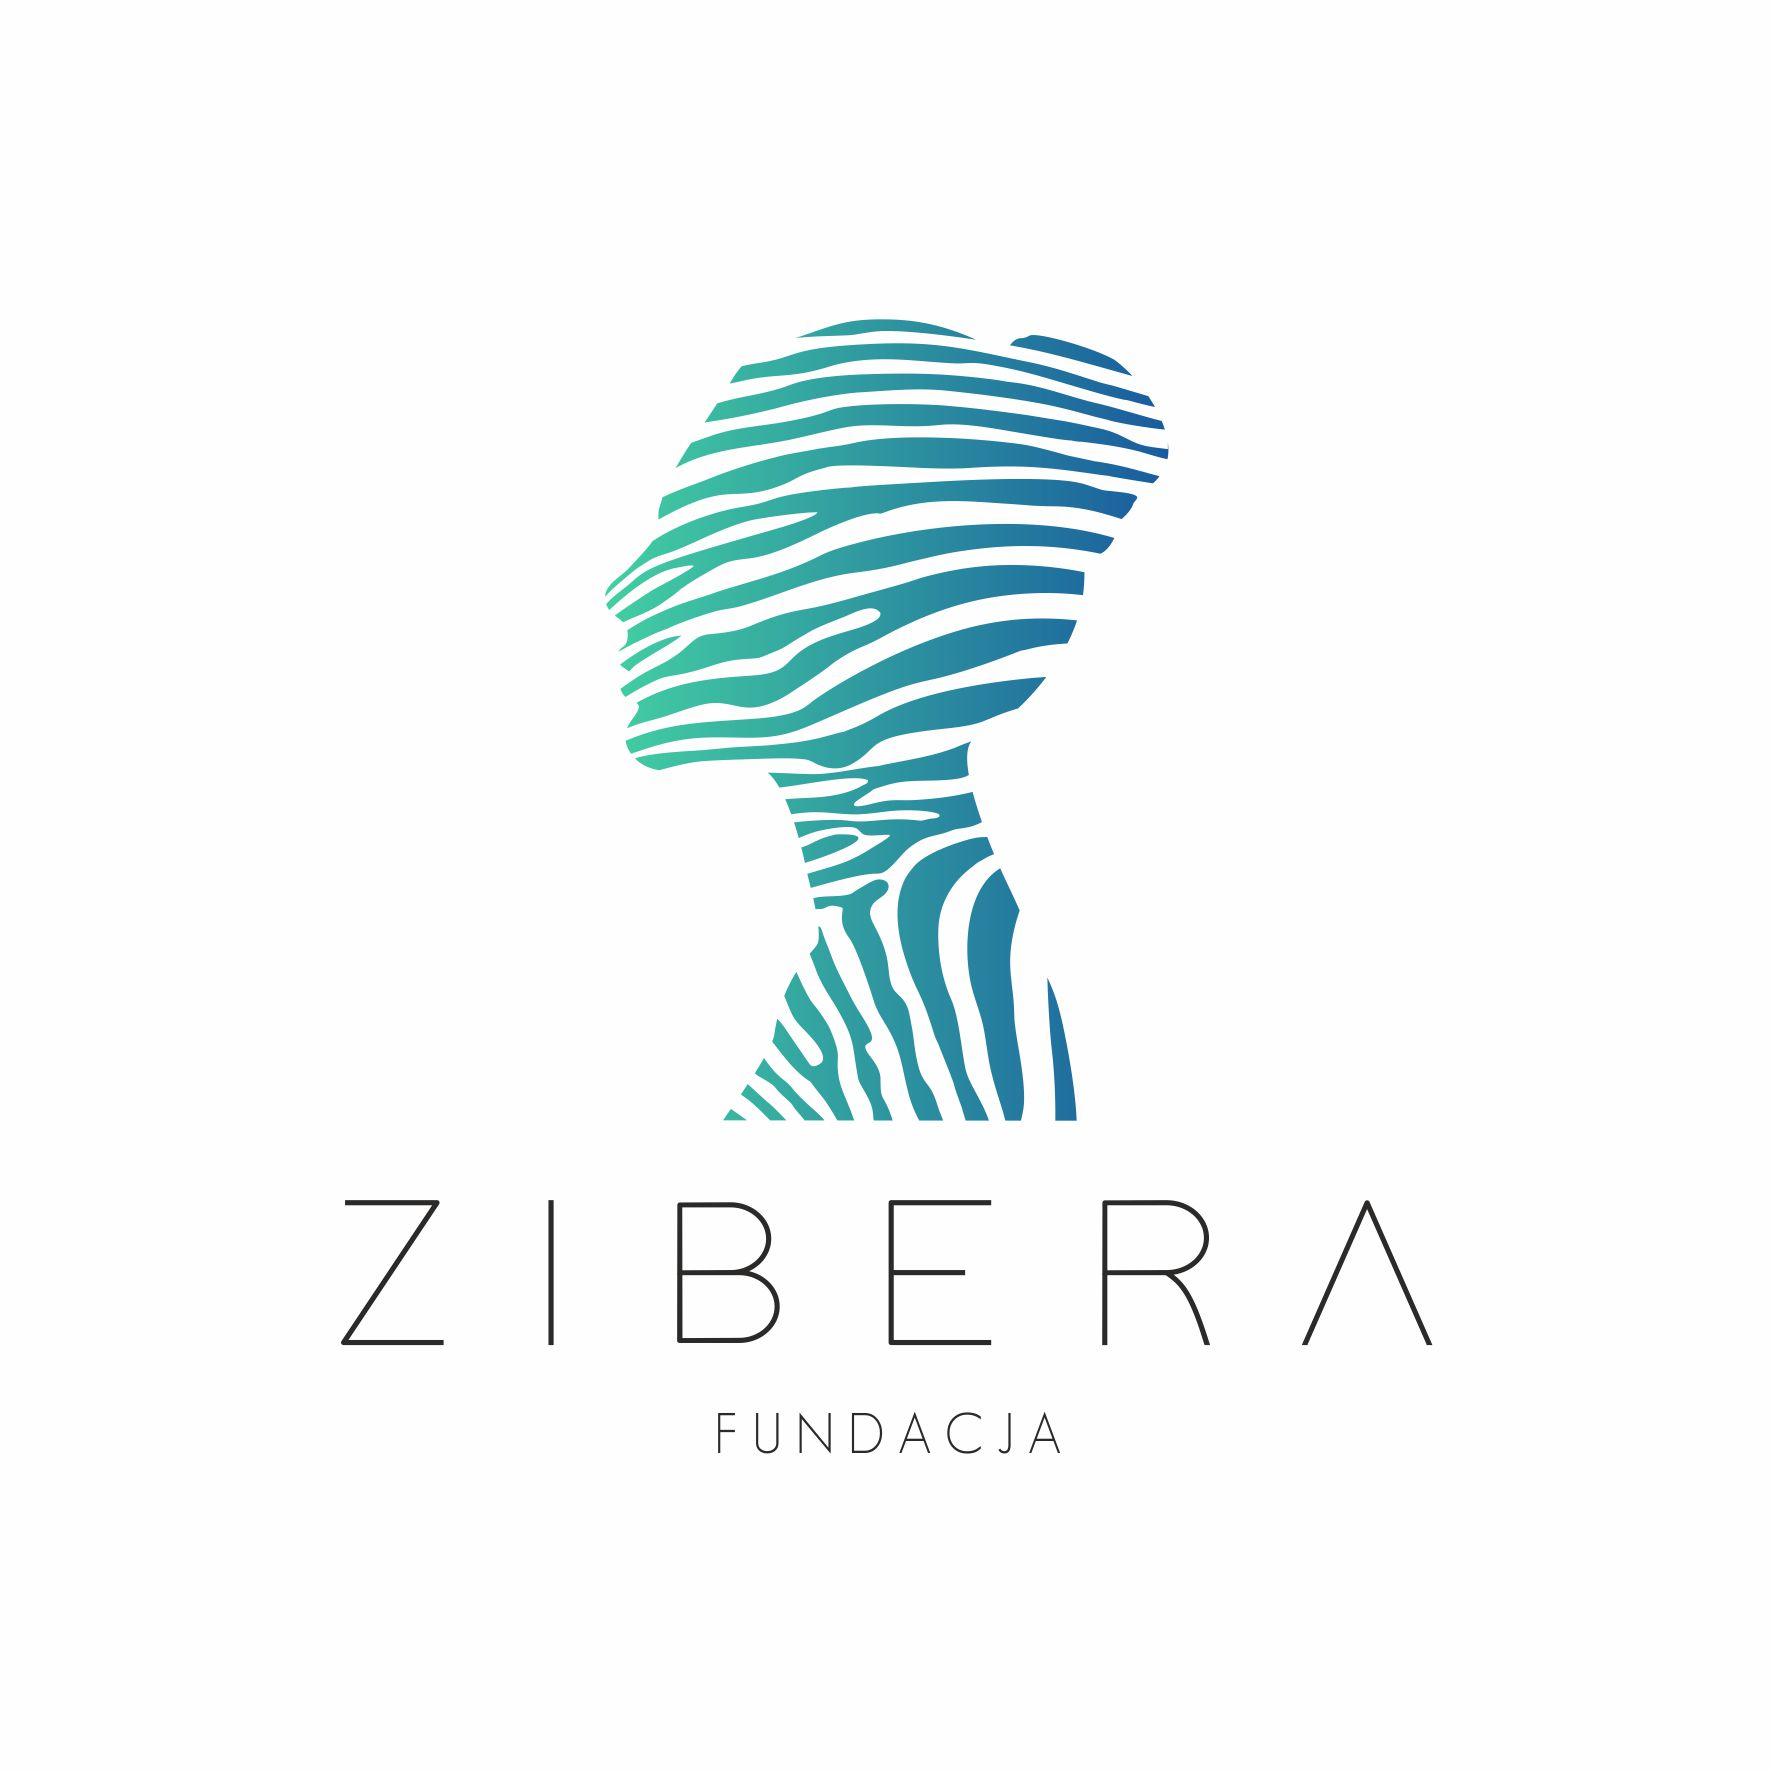 zibera logo avatar 2 ZAMOŚĆ: 20 Otwarte Spotkanie Fundacji Zibera dla Kobiet